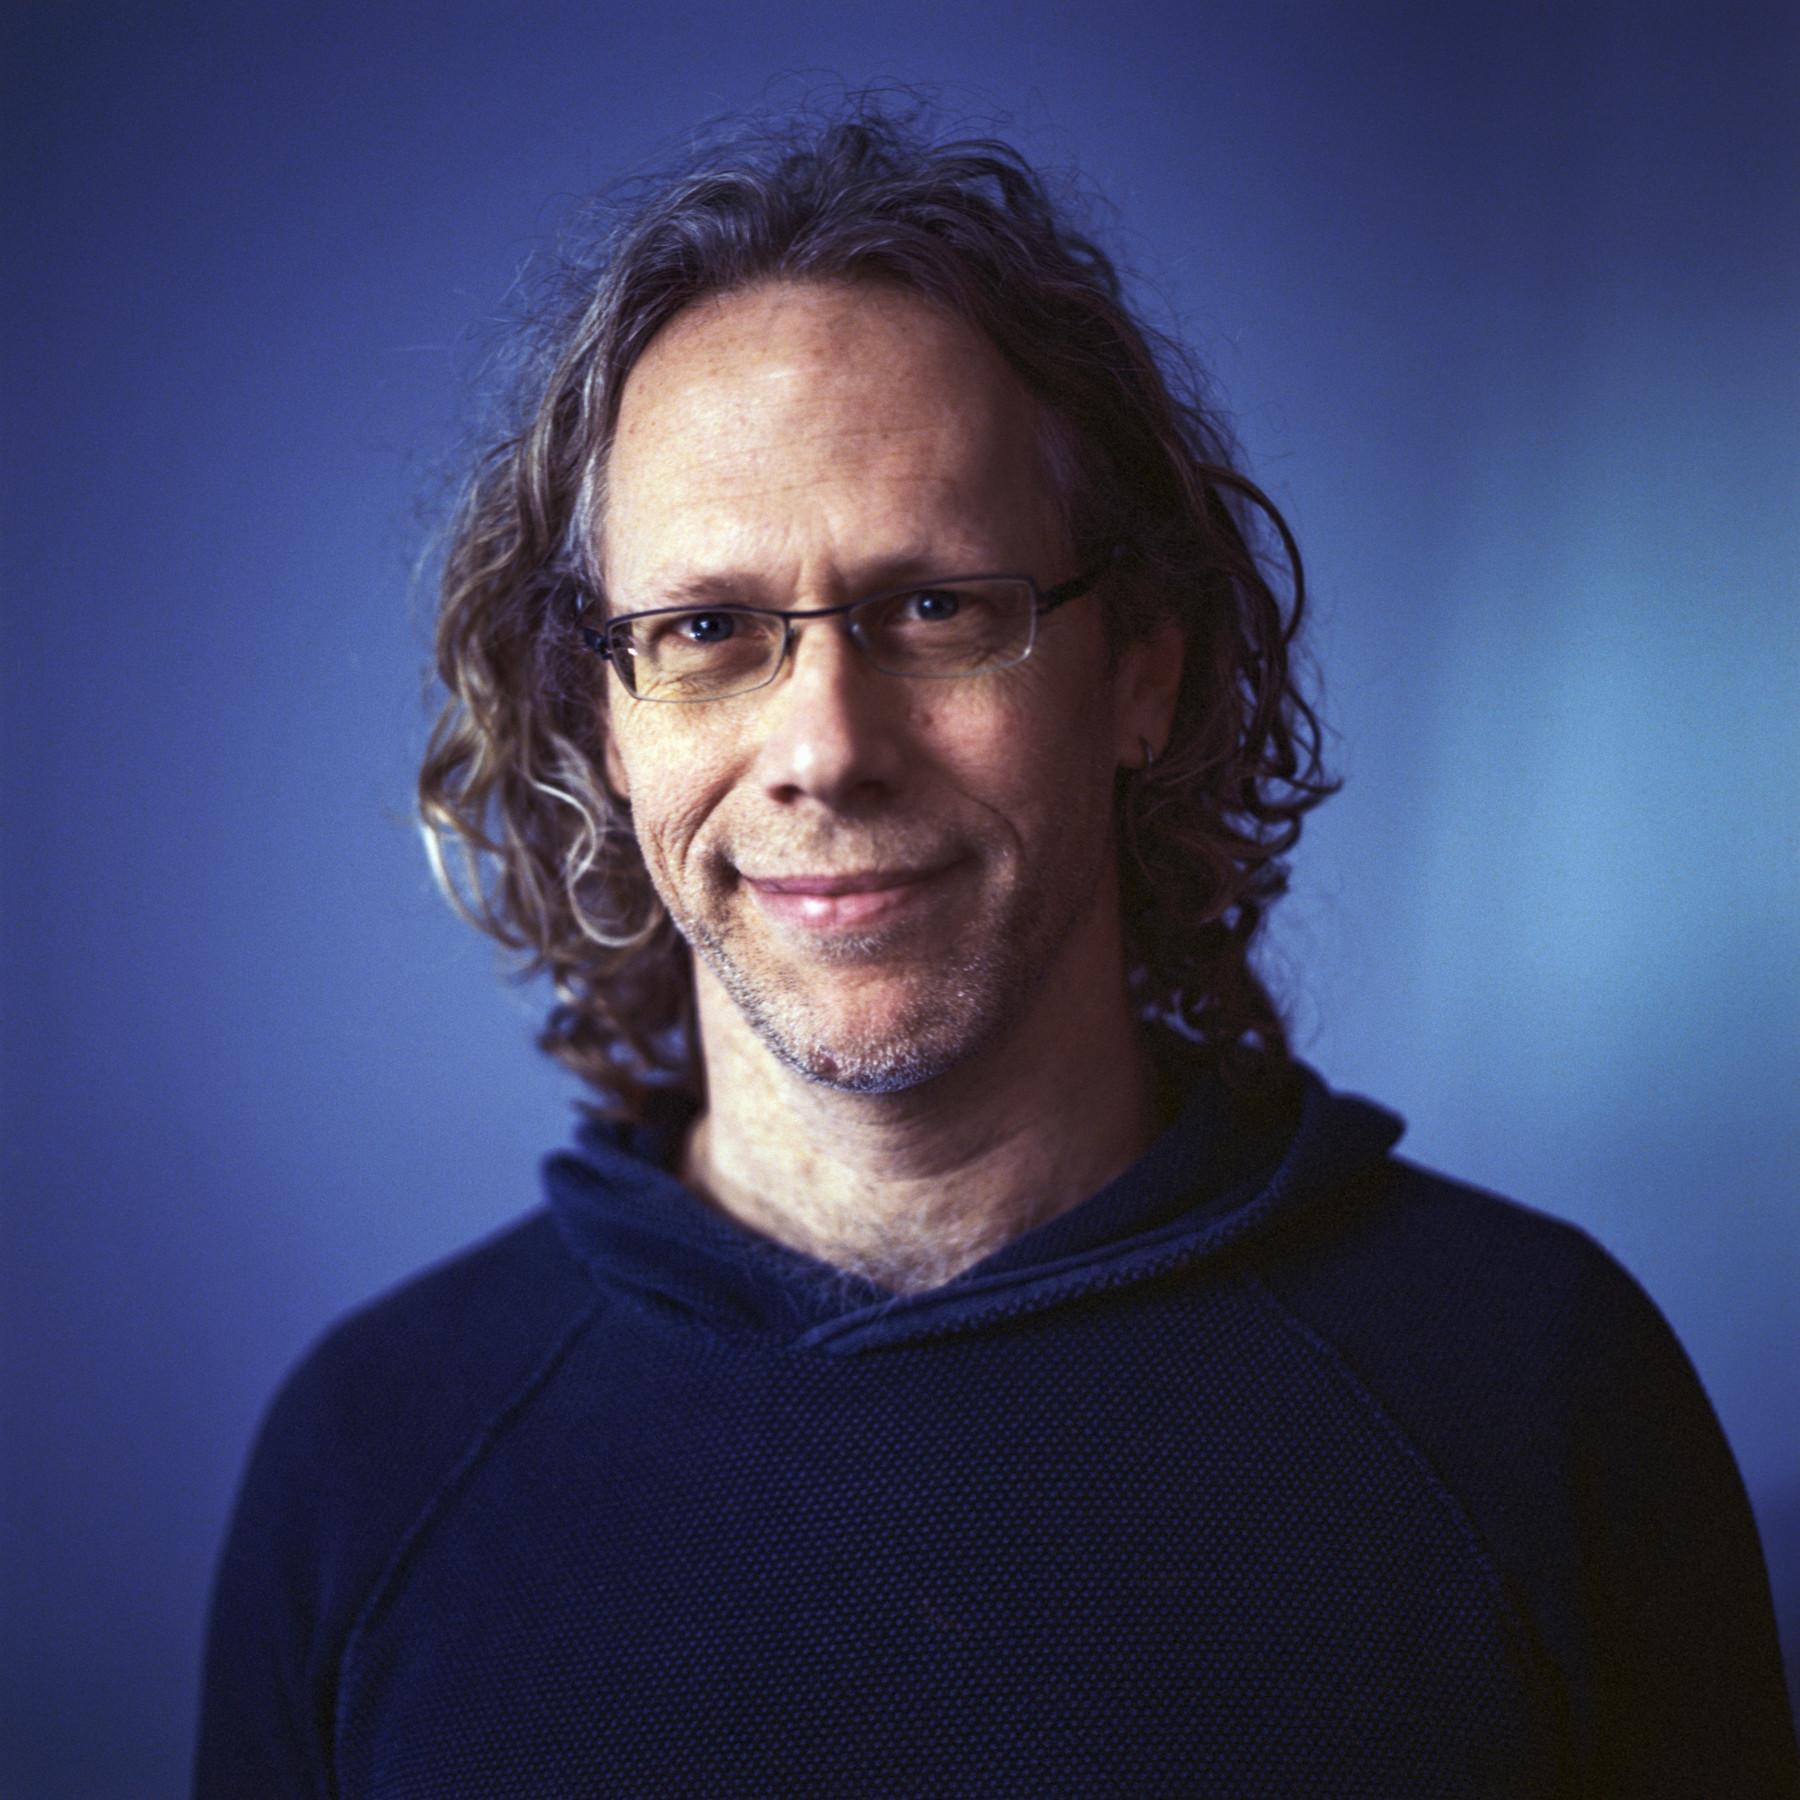 Michael Truckenbrodt